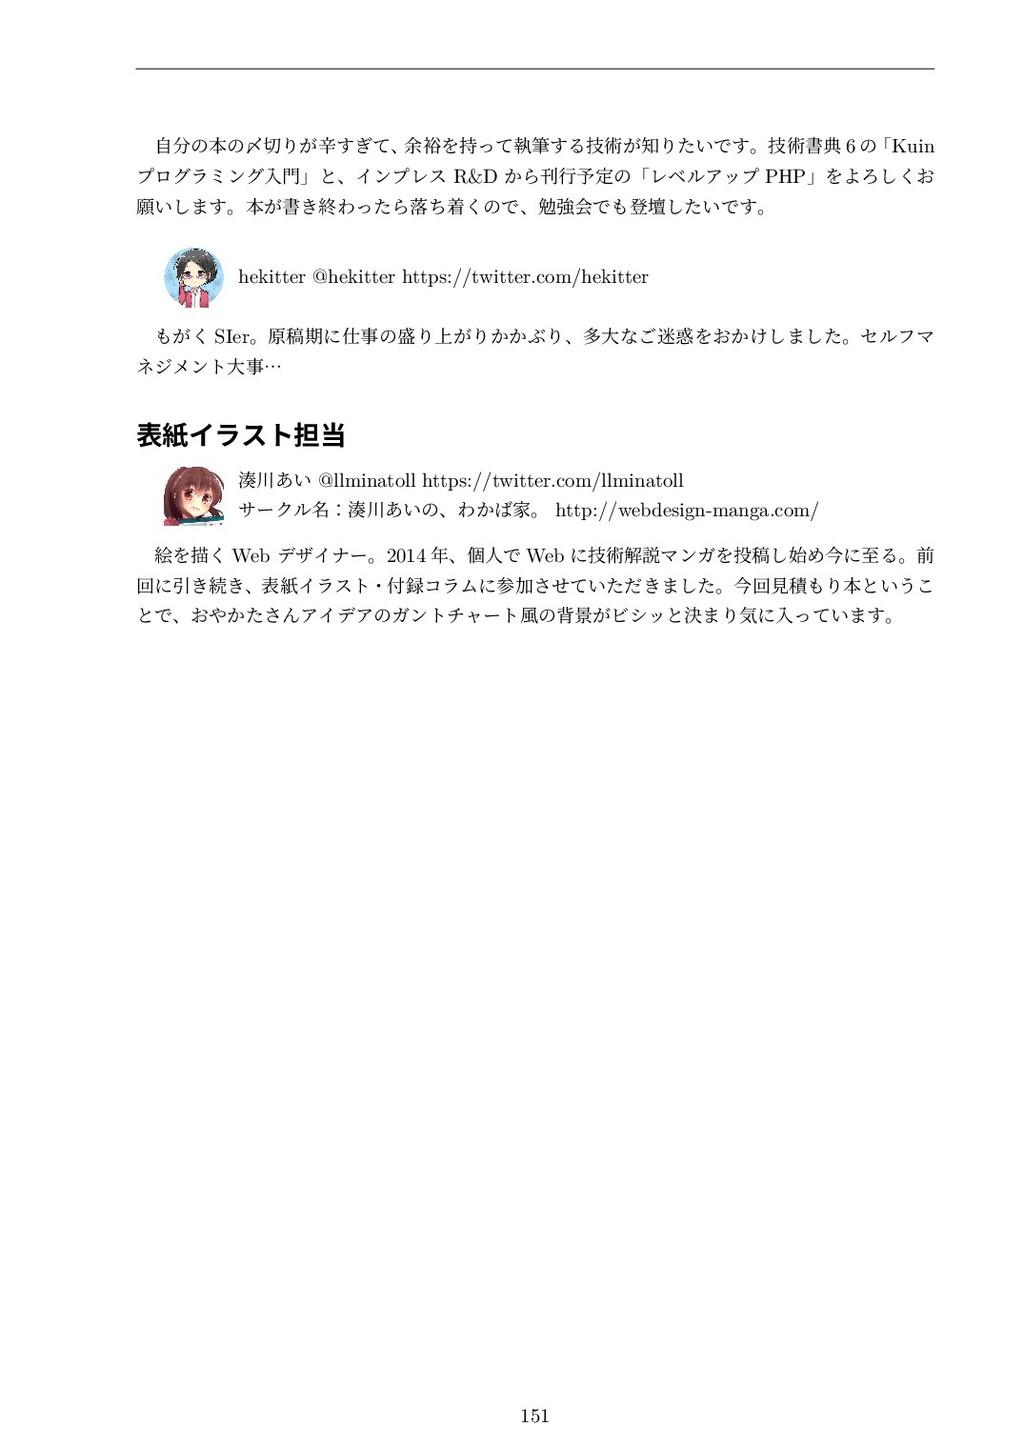 ⾃分の本の〆切りが⾟すぎて、 余裕を持って執筆する技術が知りたいです。技術書典 6 の 「Ku...